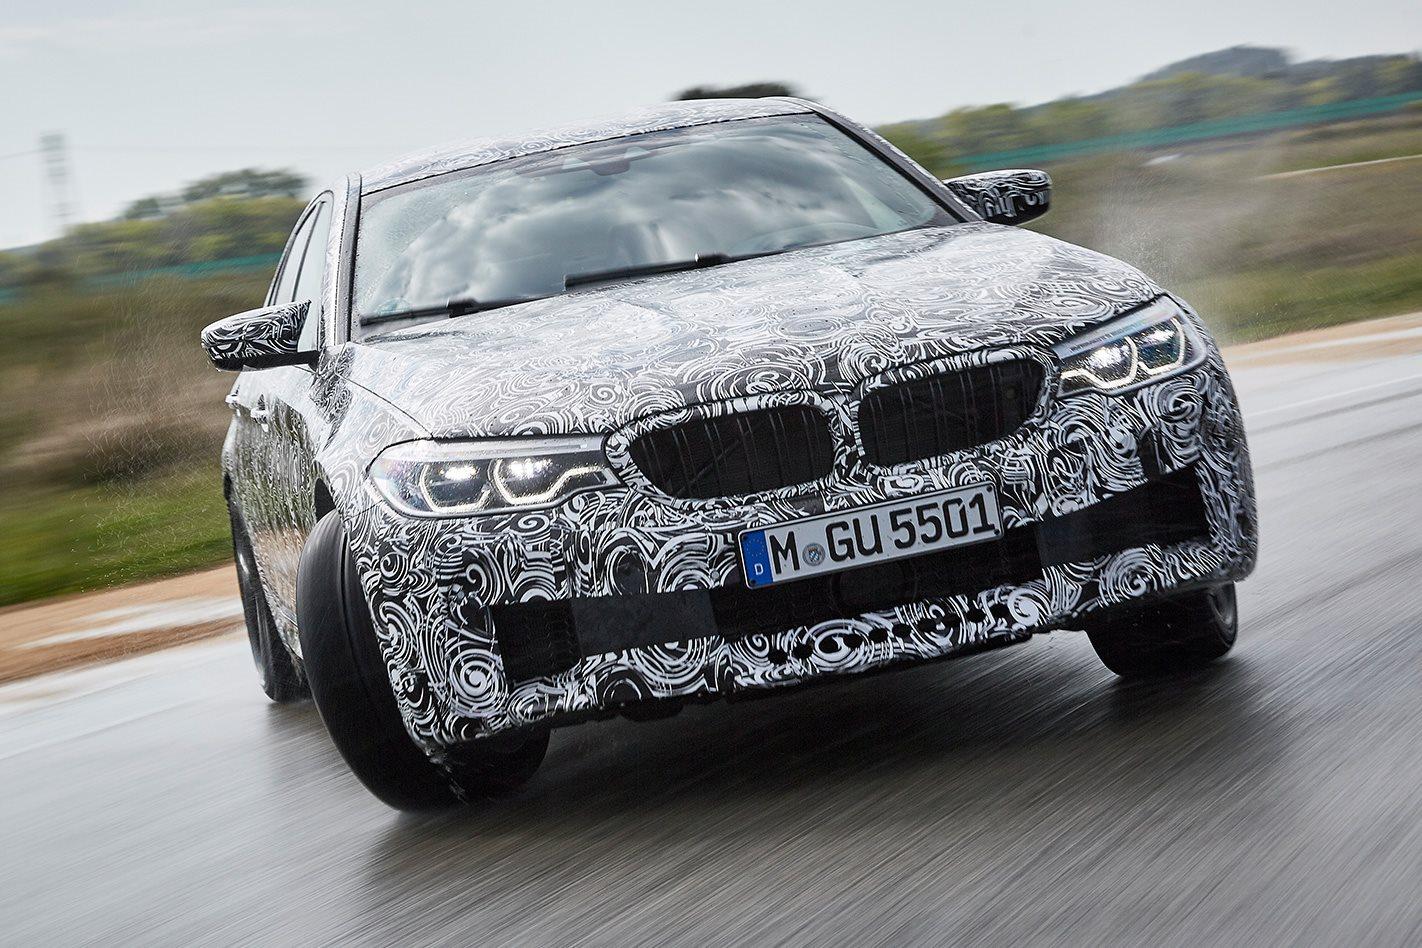 BMW F90 M5 prototype corner